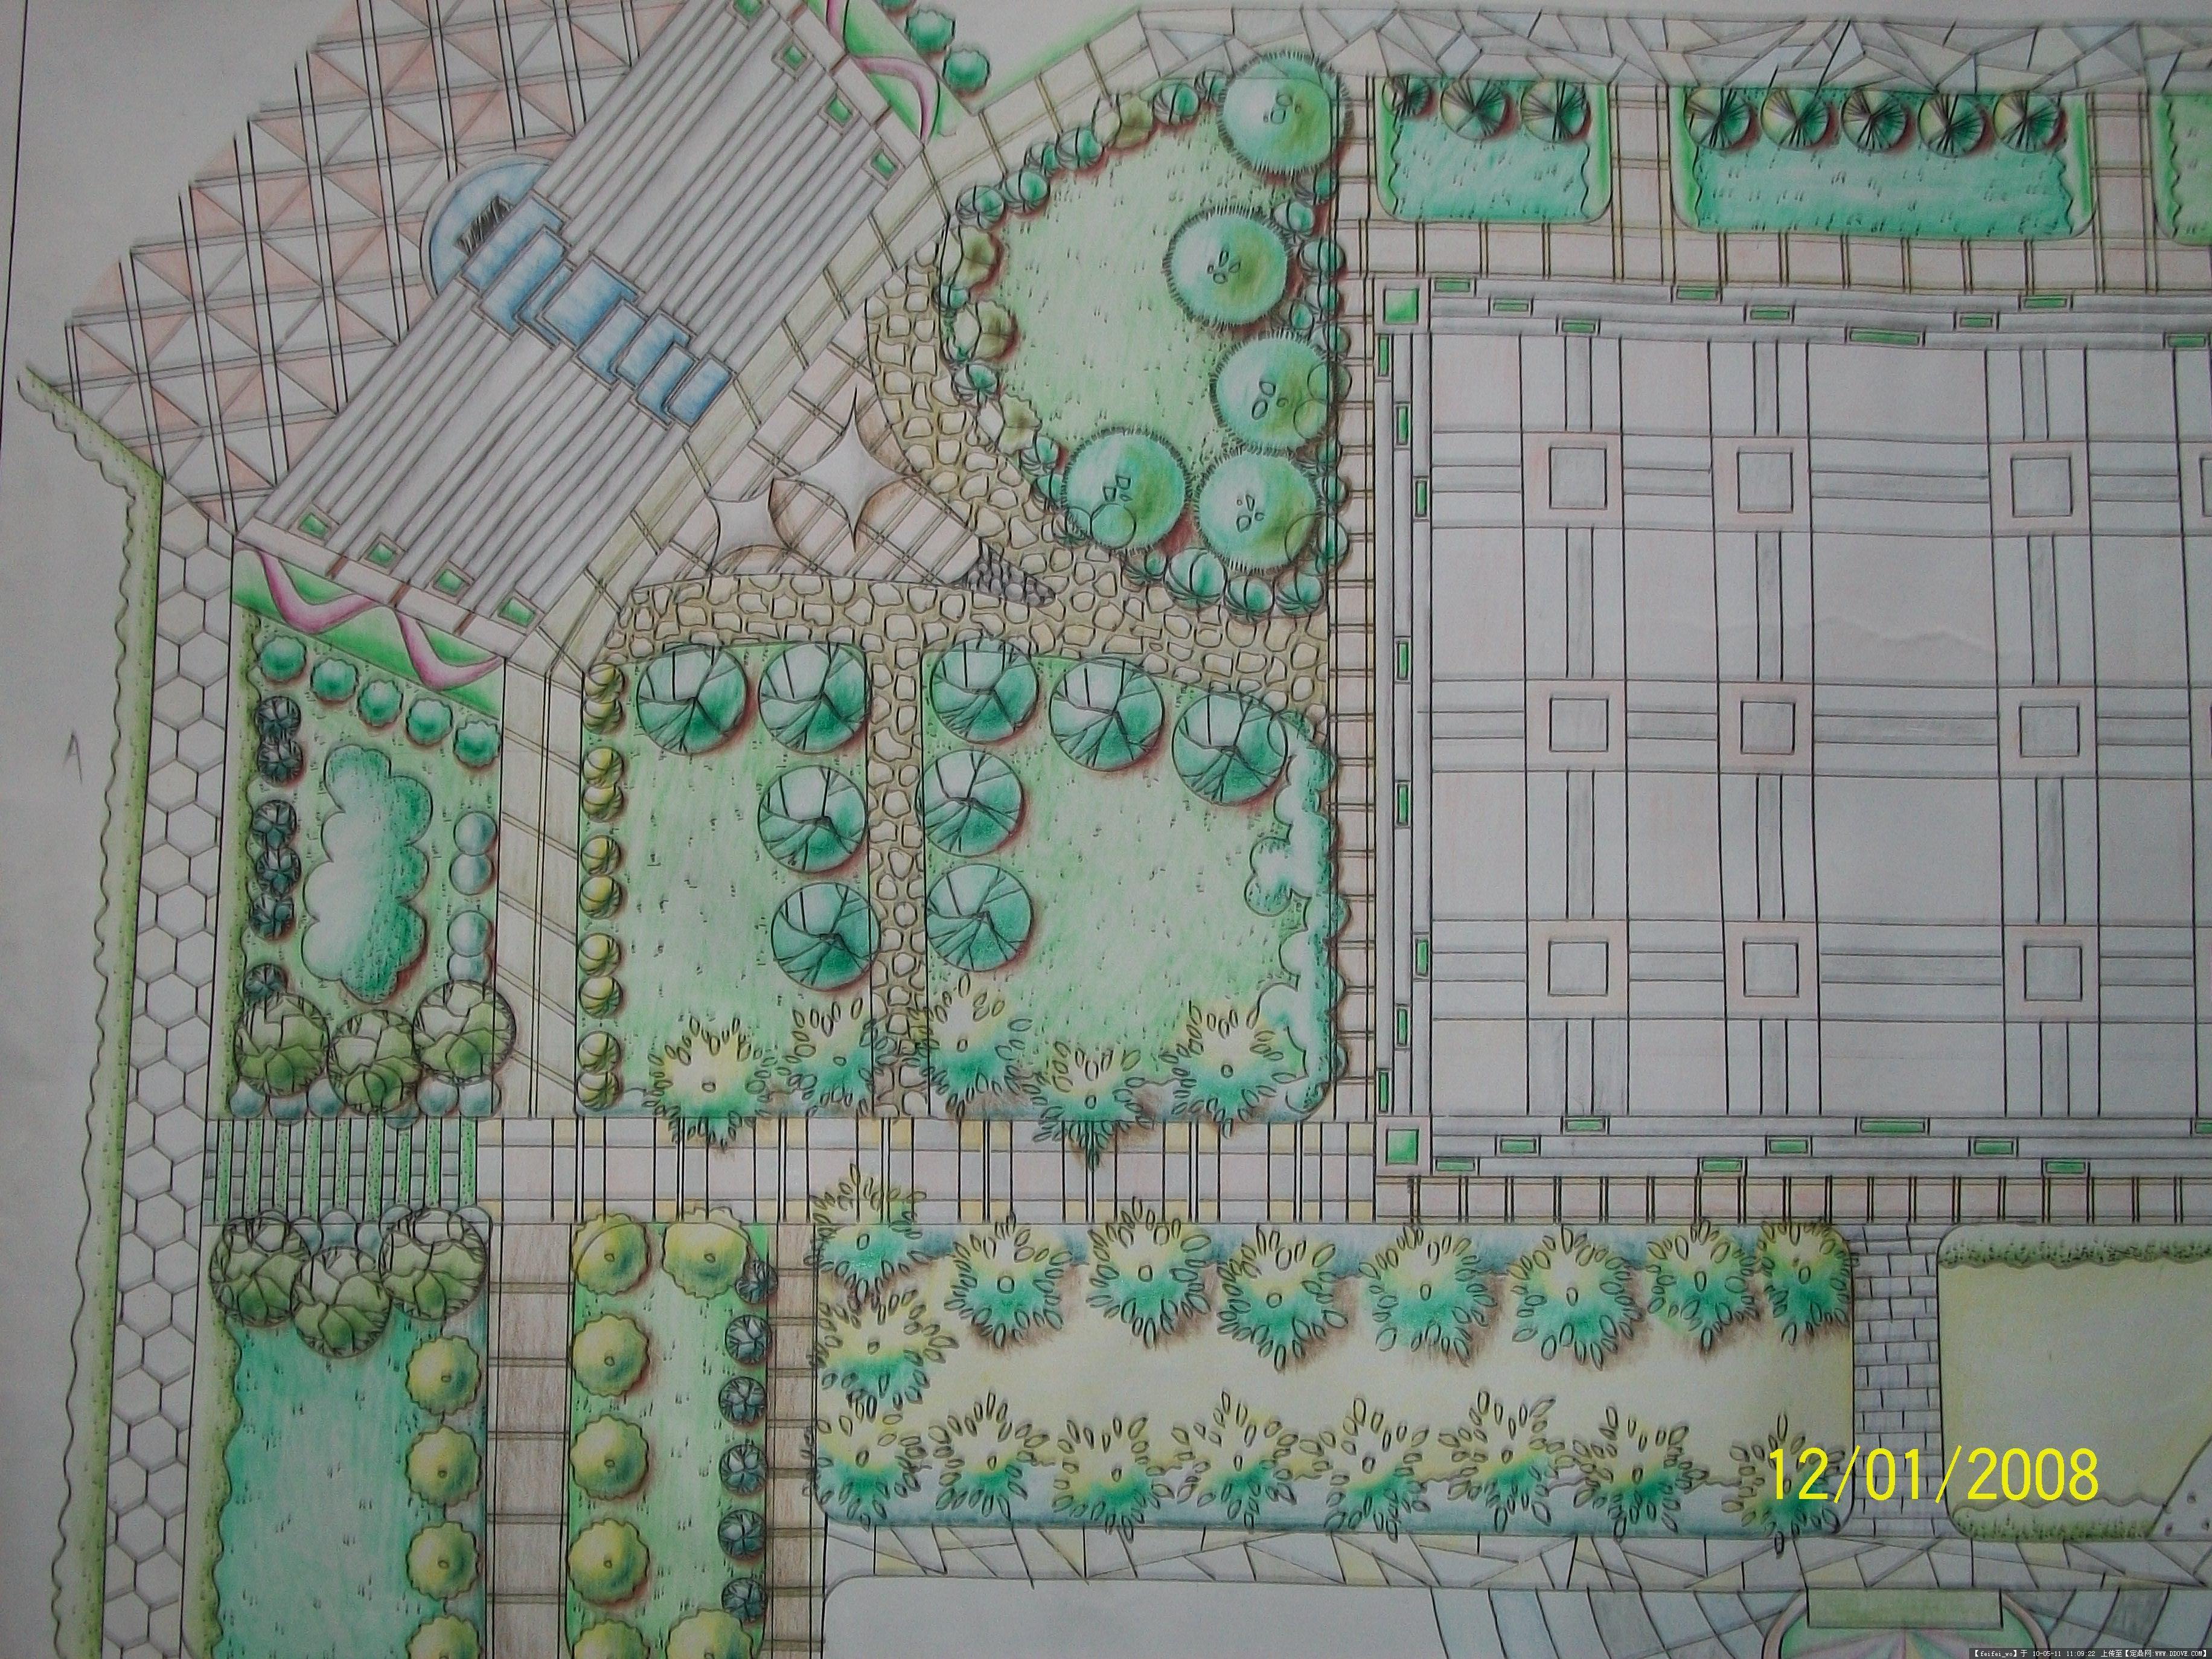 规划设计作业-广场平面图-手绘-某休闲小广场景观设计psd平面图图片